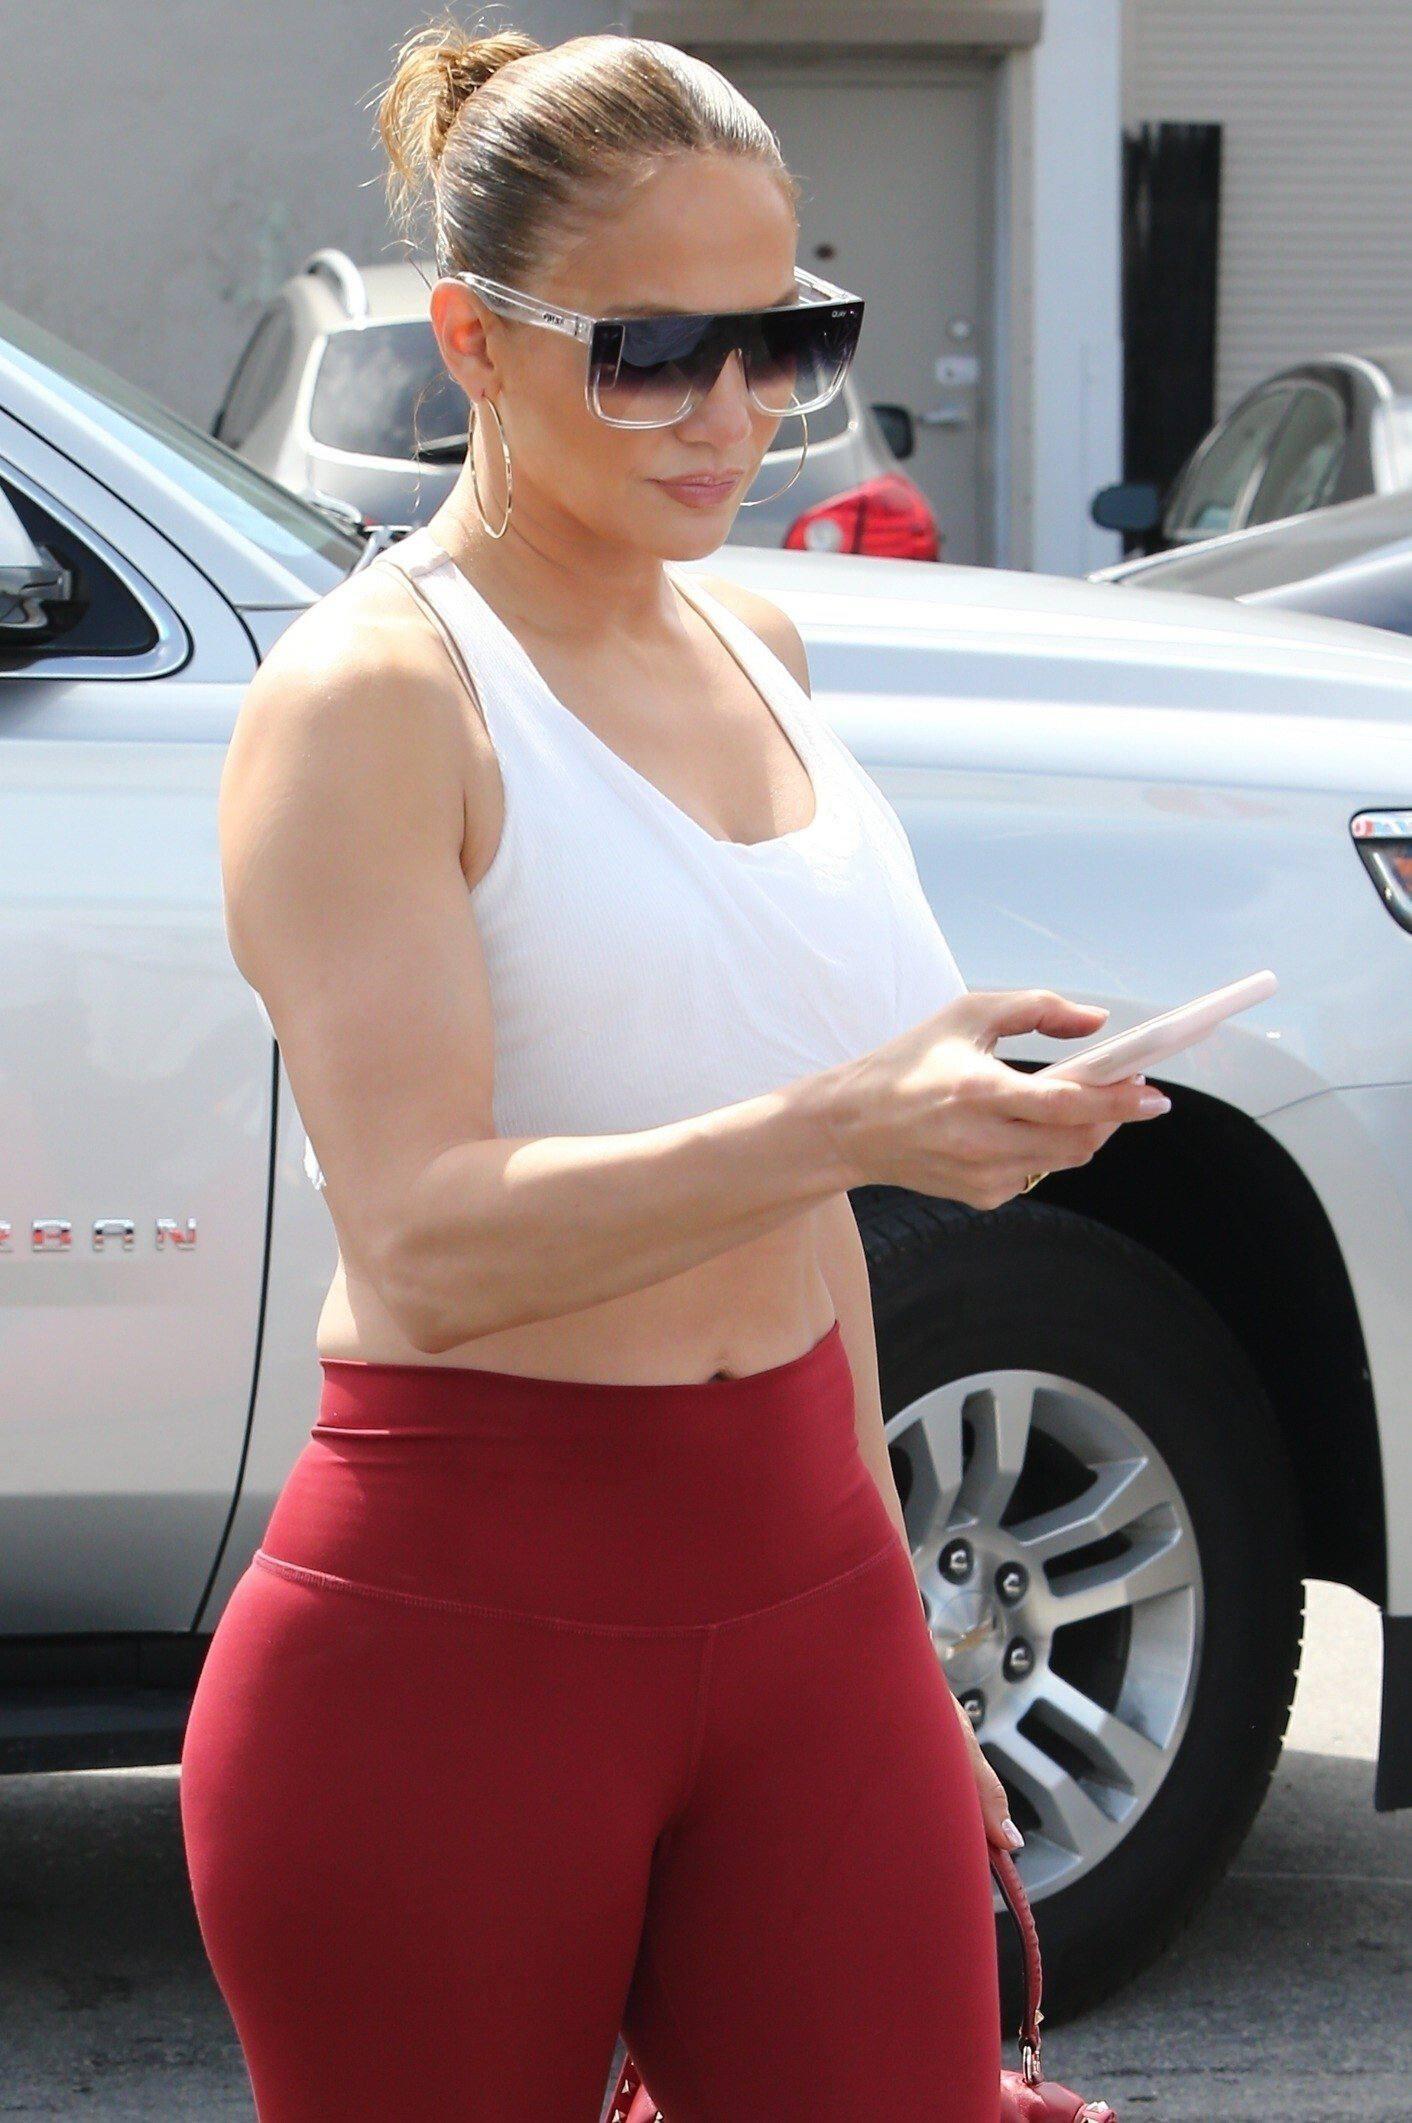 Jennifer Lopez Hot Body In Leggings